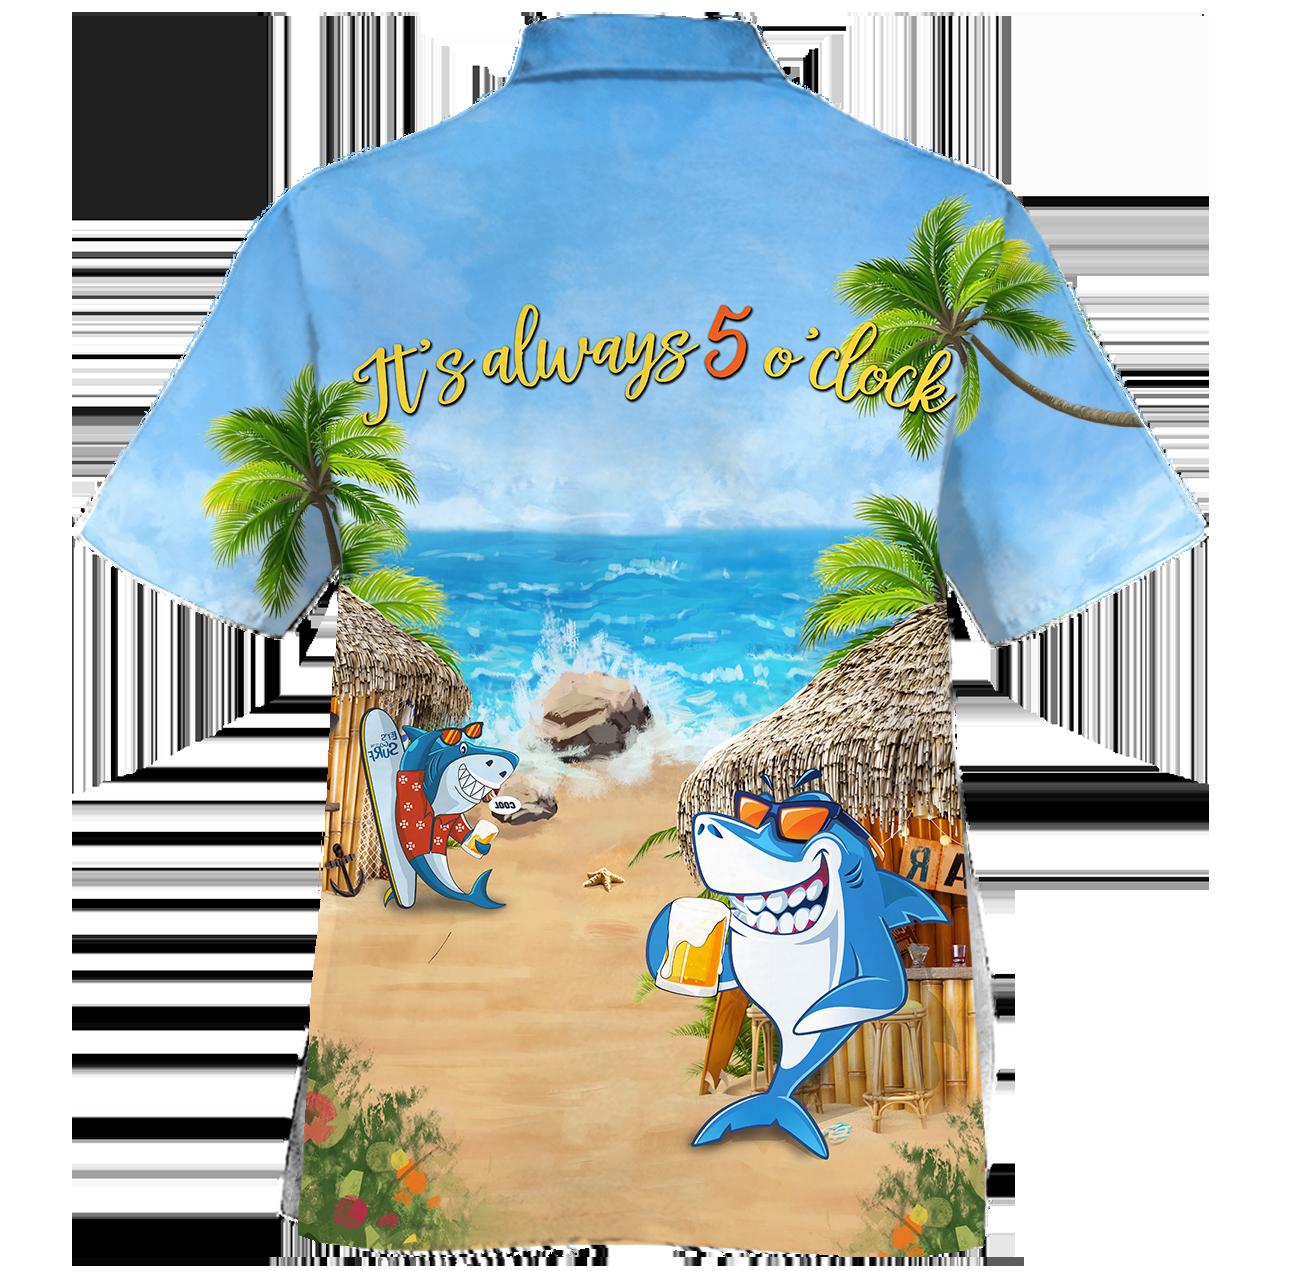 Shark Beer Bar On The Beach Its Always 5 o clock Hawaiian Shirt 2